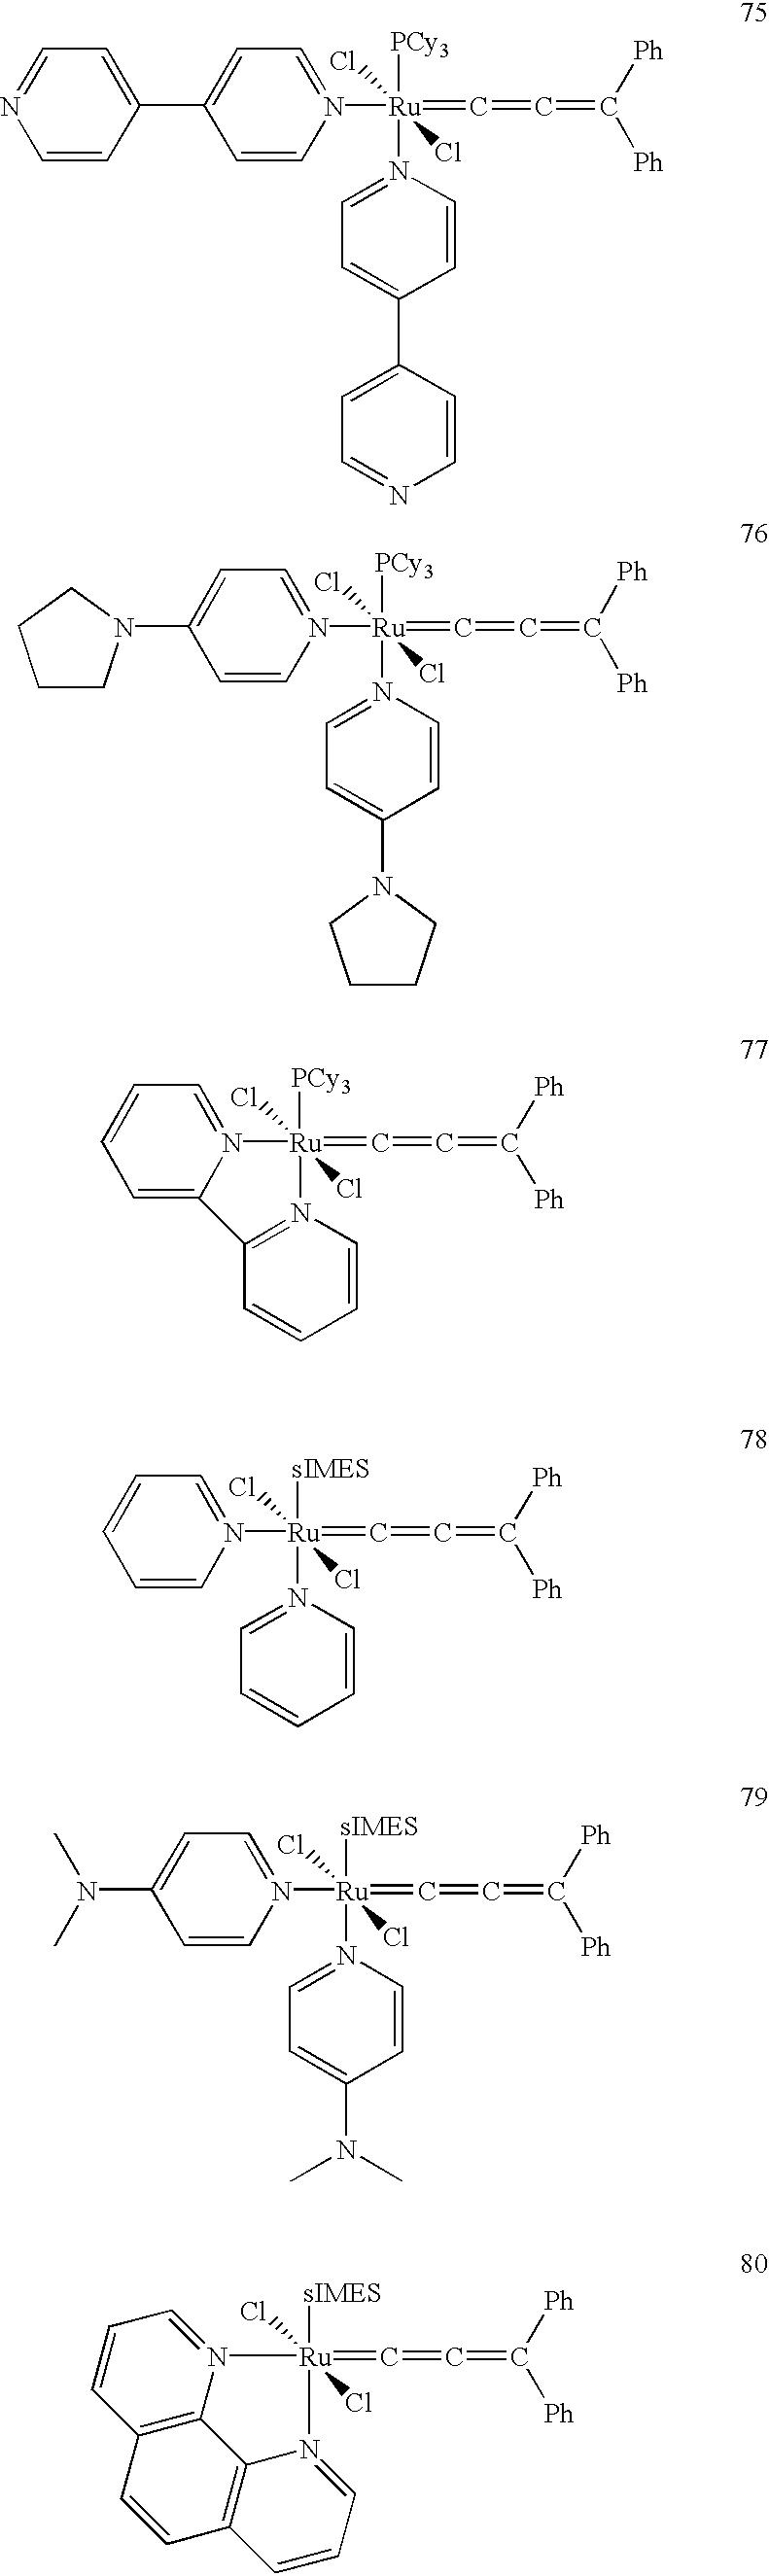 Figure US06818586-20041116-C00025